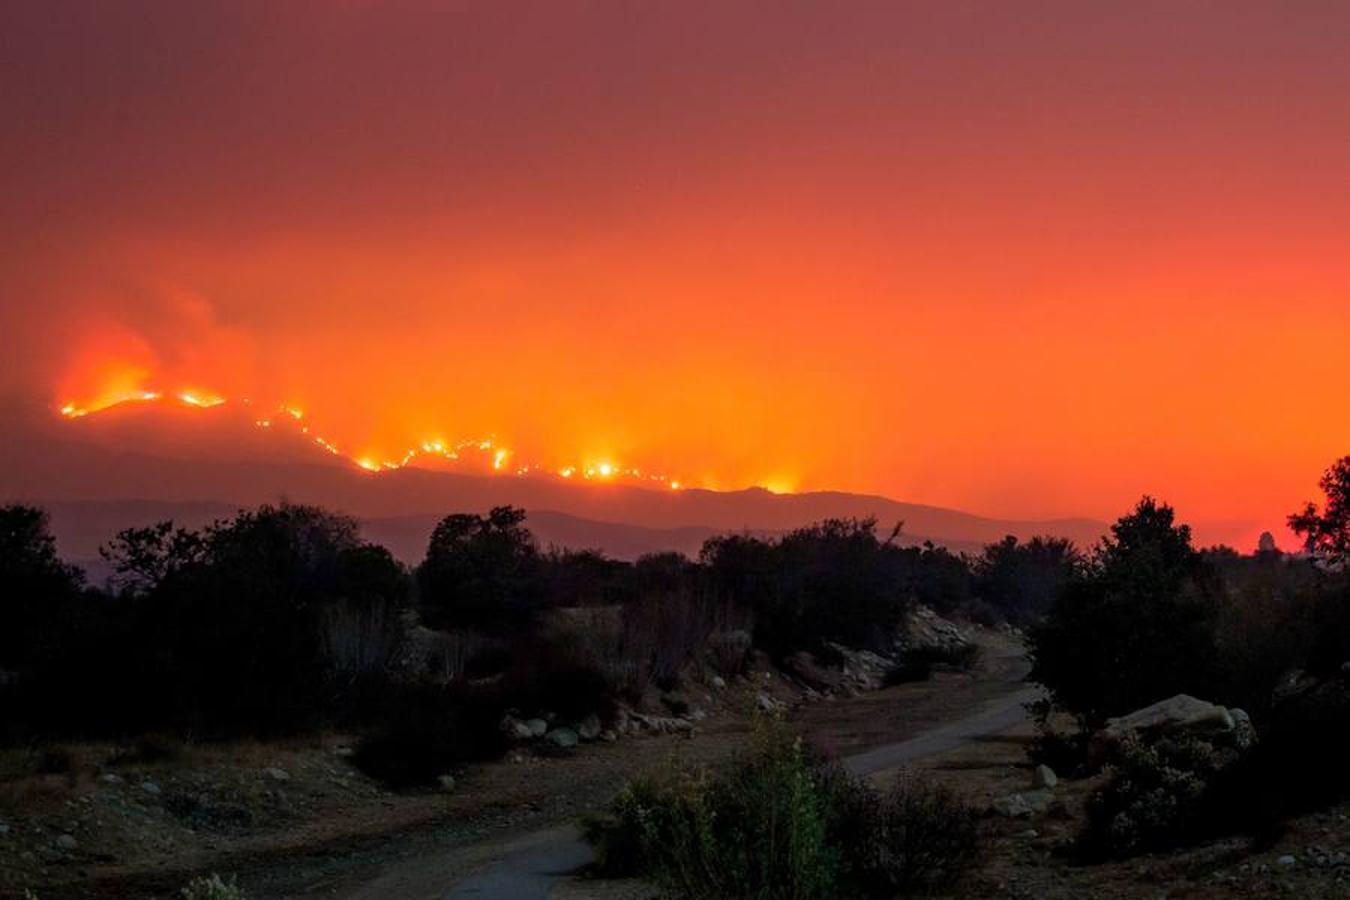 El fuego «Thomas» arde detrás de senderos en la carretera Old Baldwin, Ojai, California